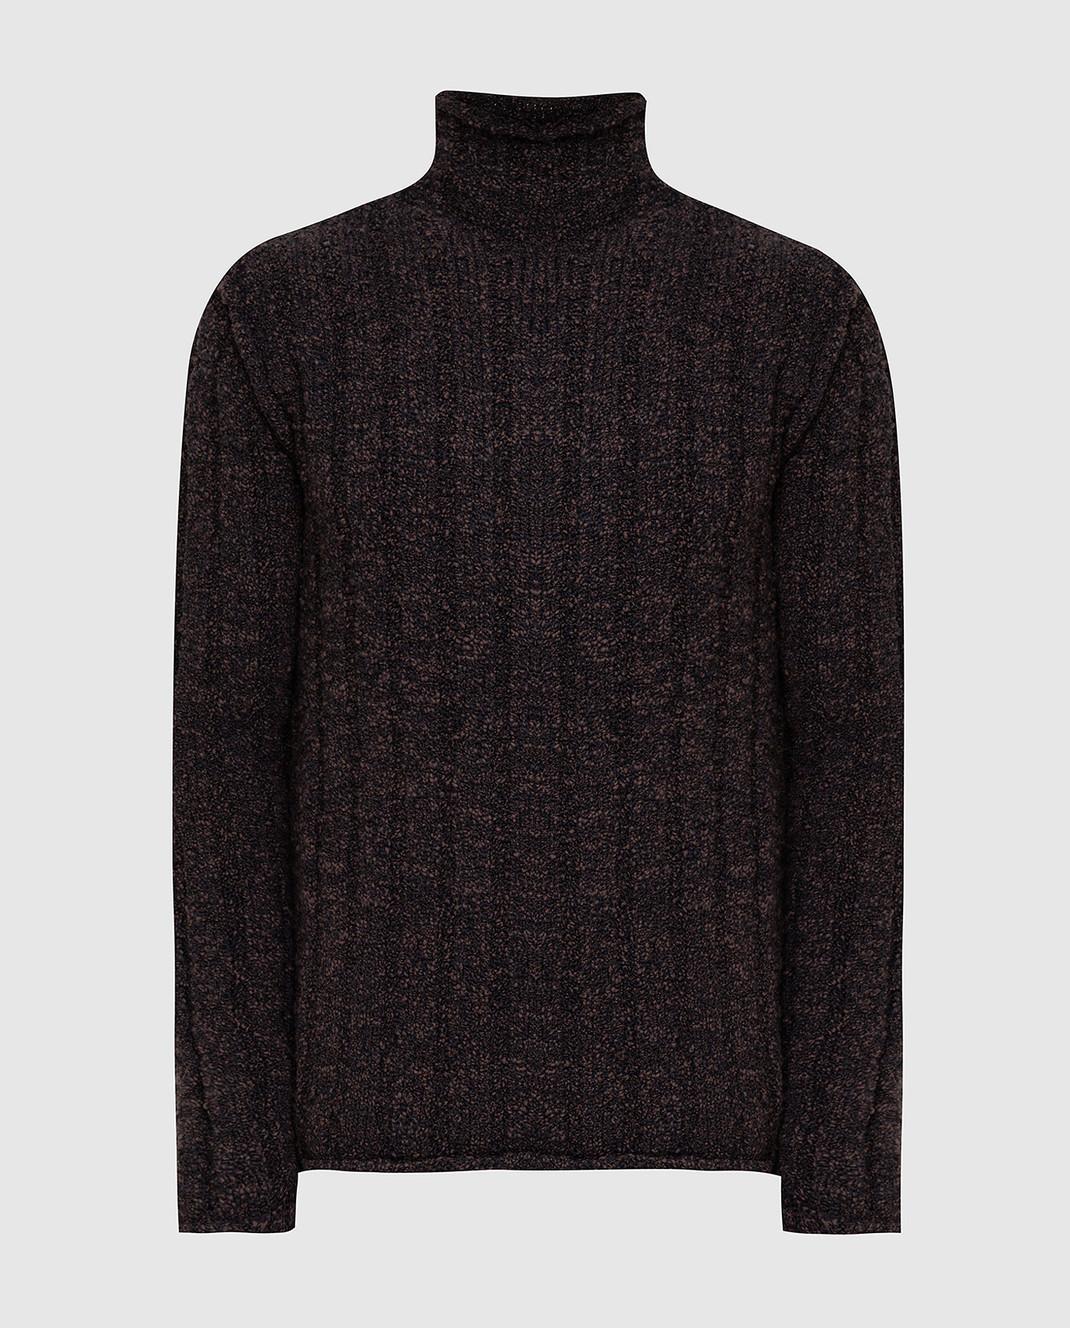 Dolce&Gabbana Коричневый свитер из шерсти изображение 1